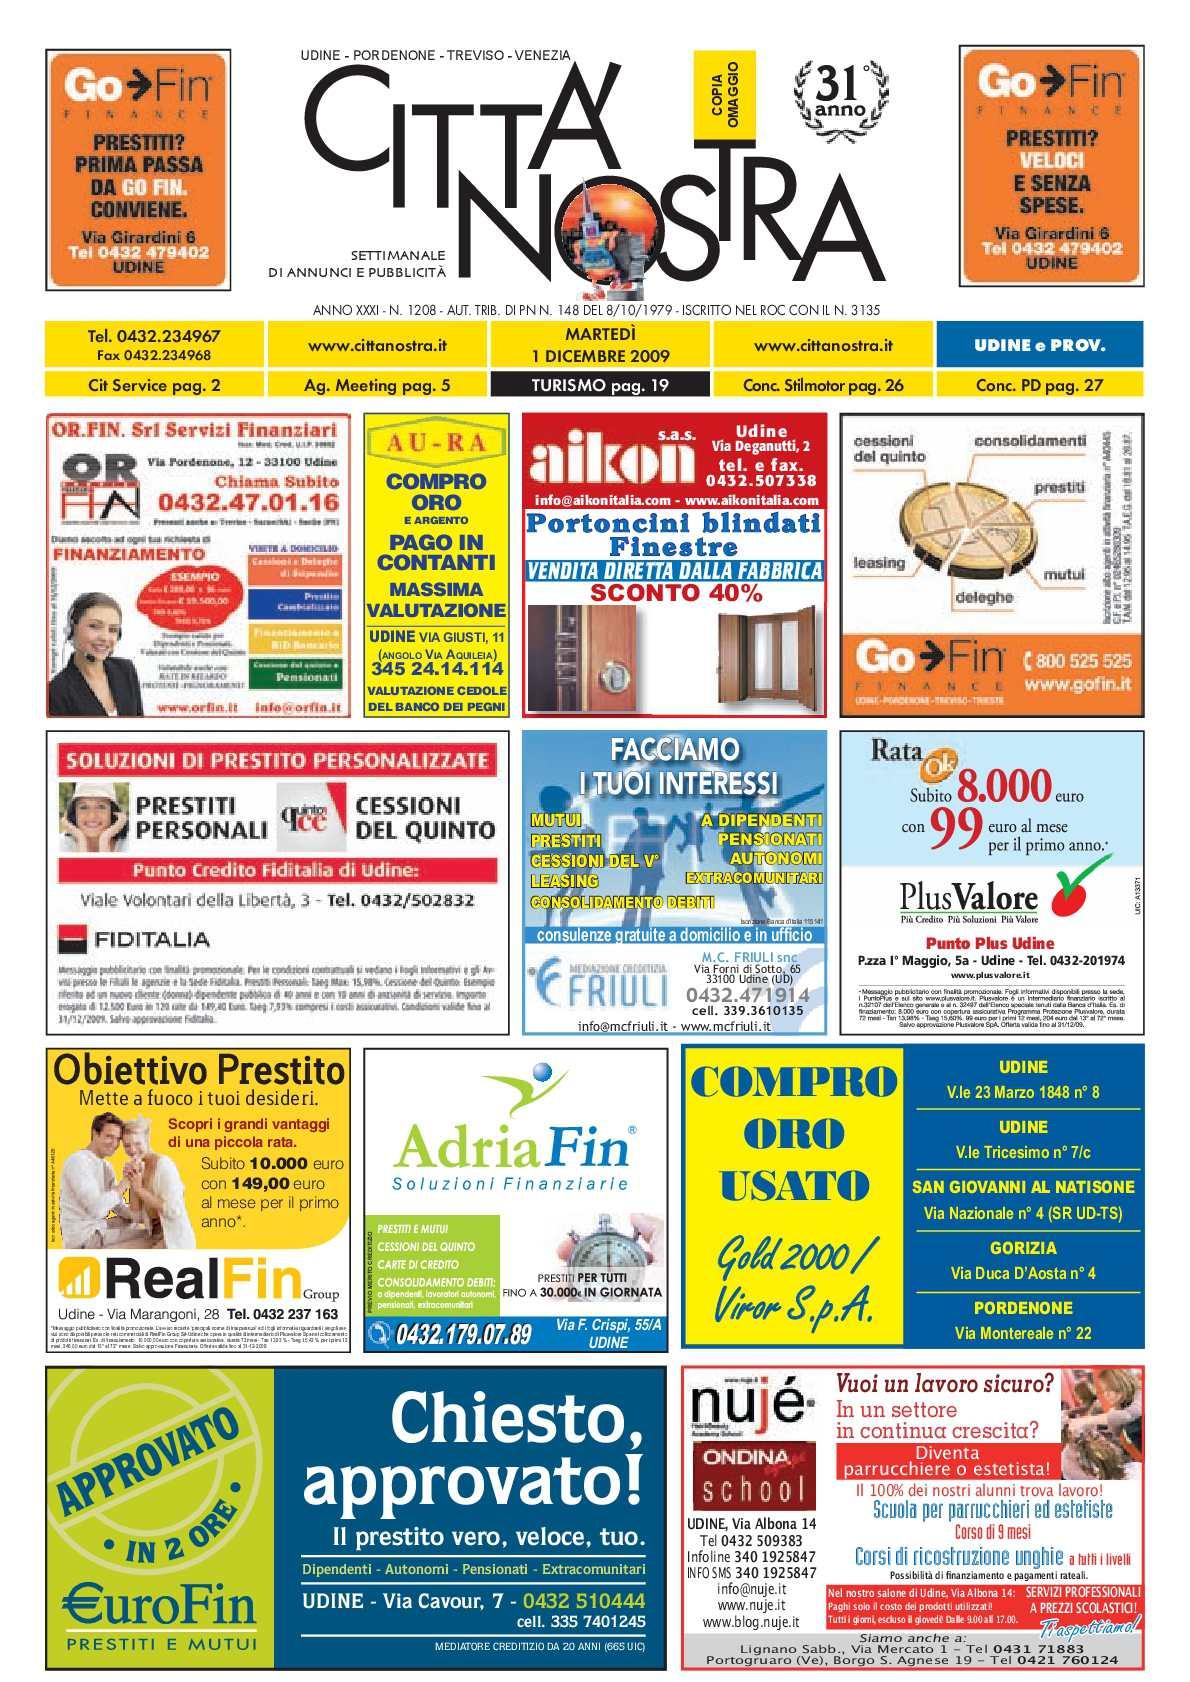 Calaméo - Città Nostra Udine del 01.12.2009 n. 1208 84d261f5110